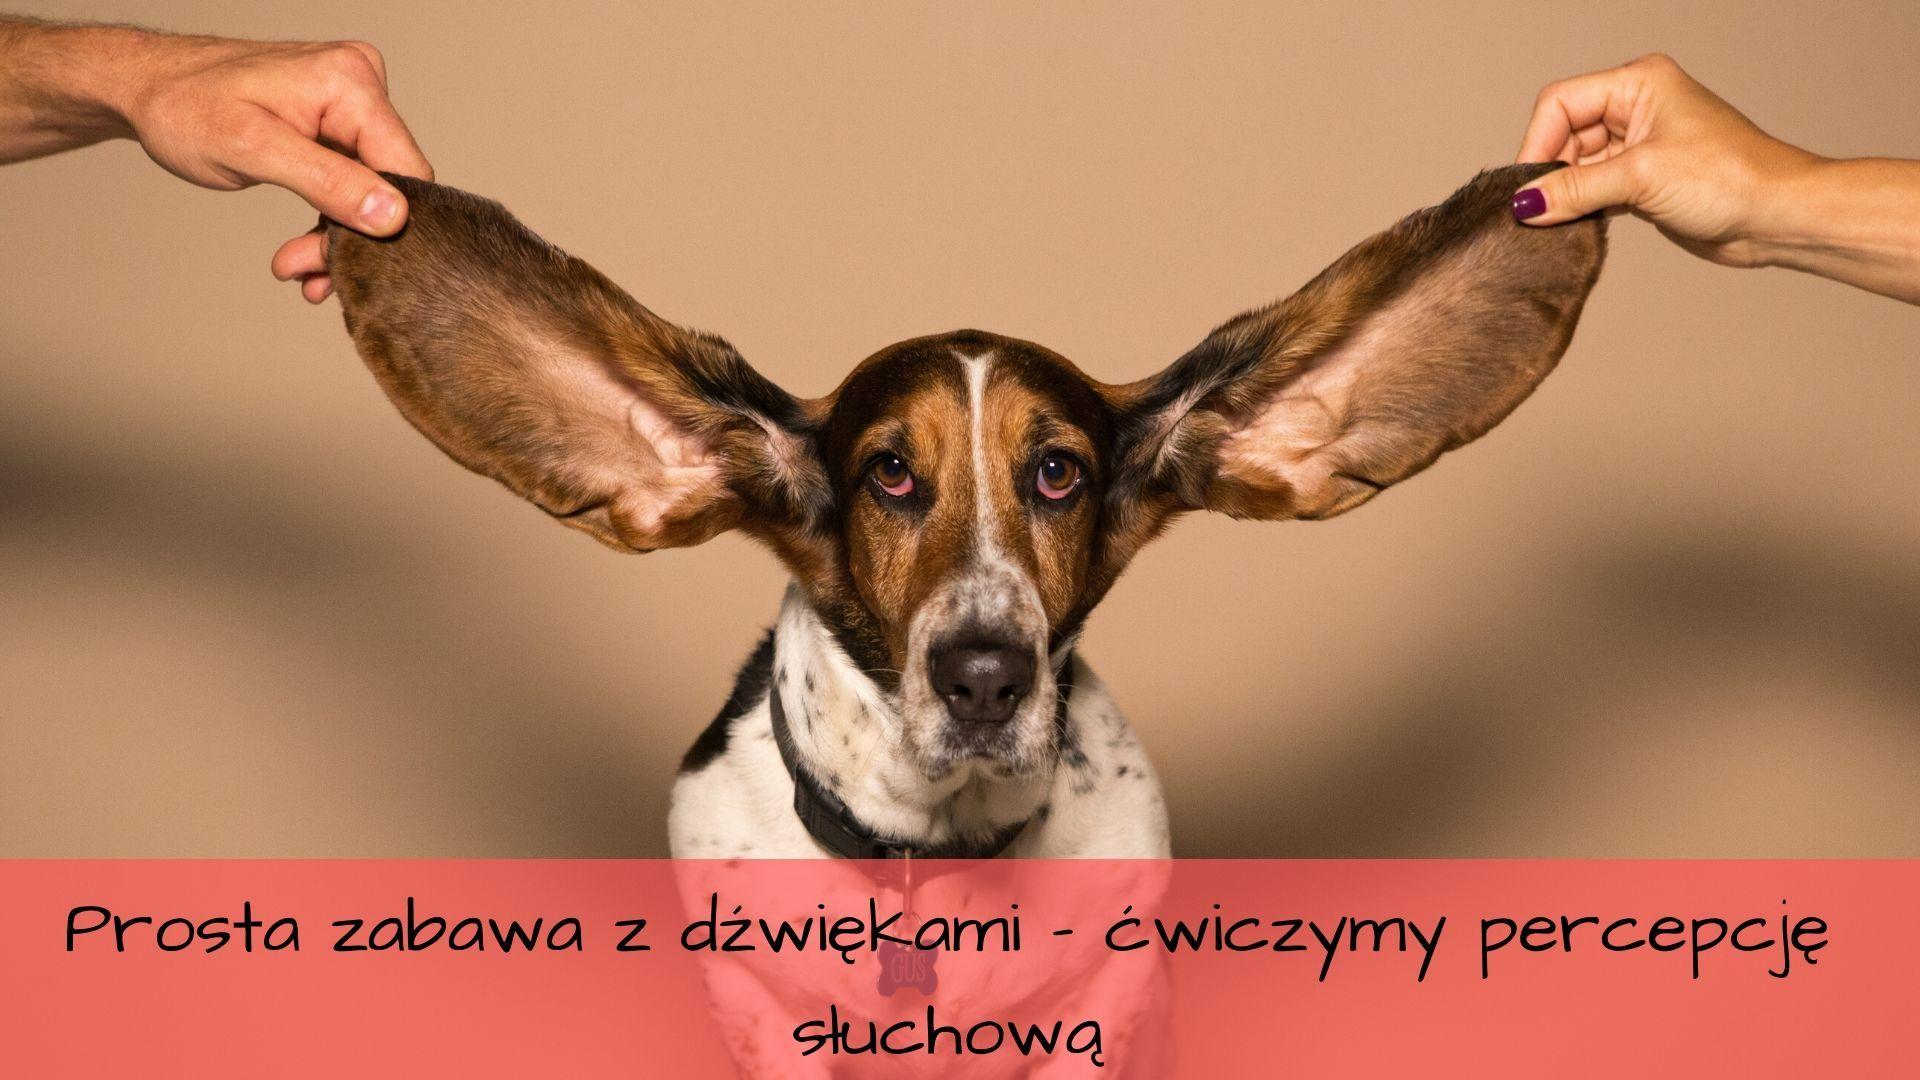 Percepcja słuchowa i rozwijanie słownictwa - jak szybko i za darmo przygotować zabawy dla dzieci?